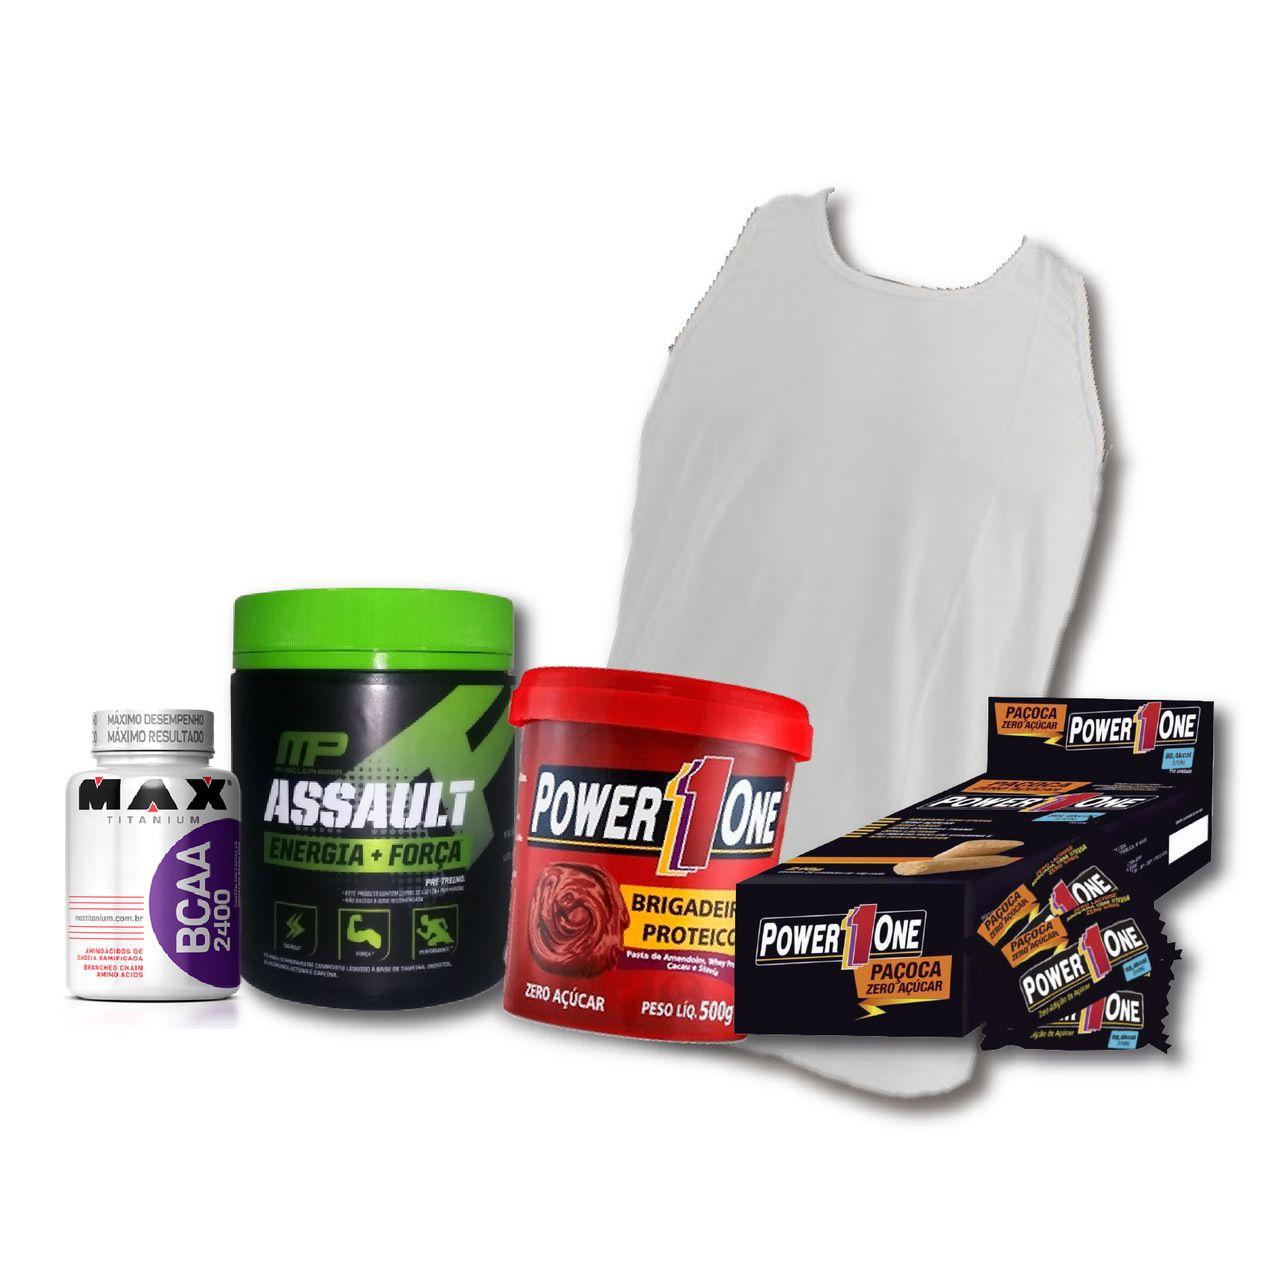 KIT: Assault (60 Doses) + Camiseta Probiótica + Pasta de Brigadeiro + Caixa de Paçoca + BCAA 2400